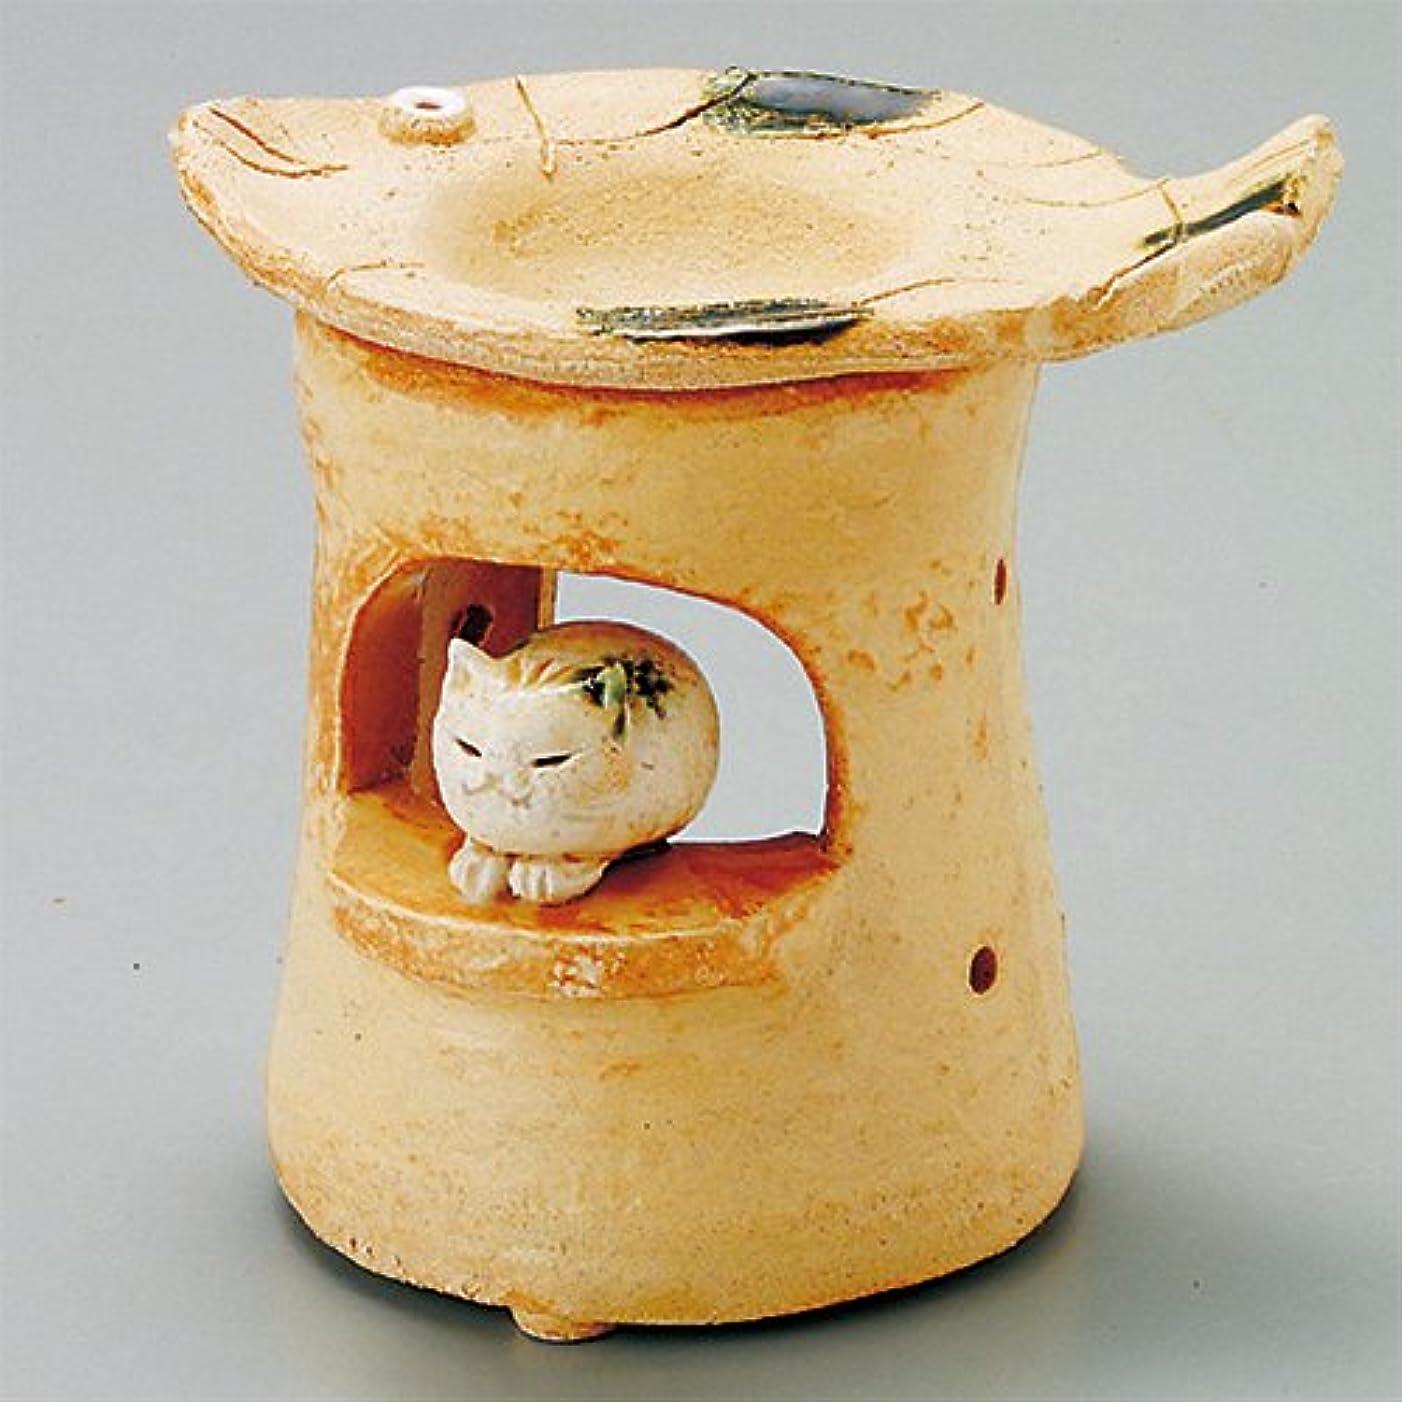 累計前方へ逃げる島ねこ 島ねこ 茶香炉 [12x8.5xH11.5cm] HANDMADE プレゼント ギフト 和食器 かわいい インテリア